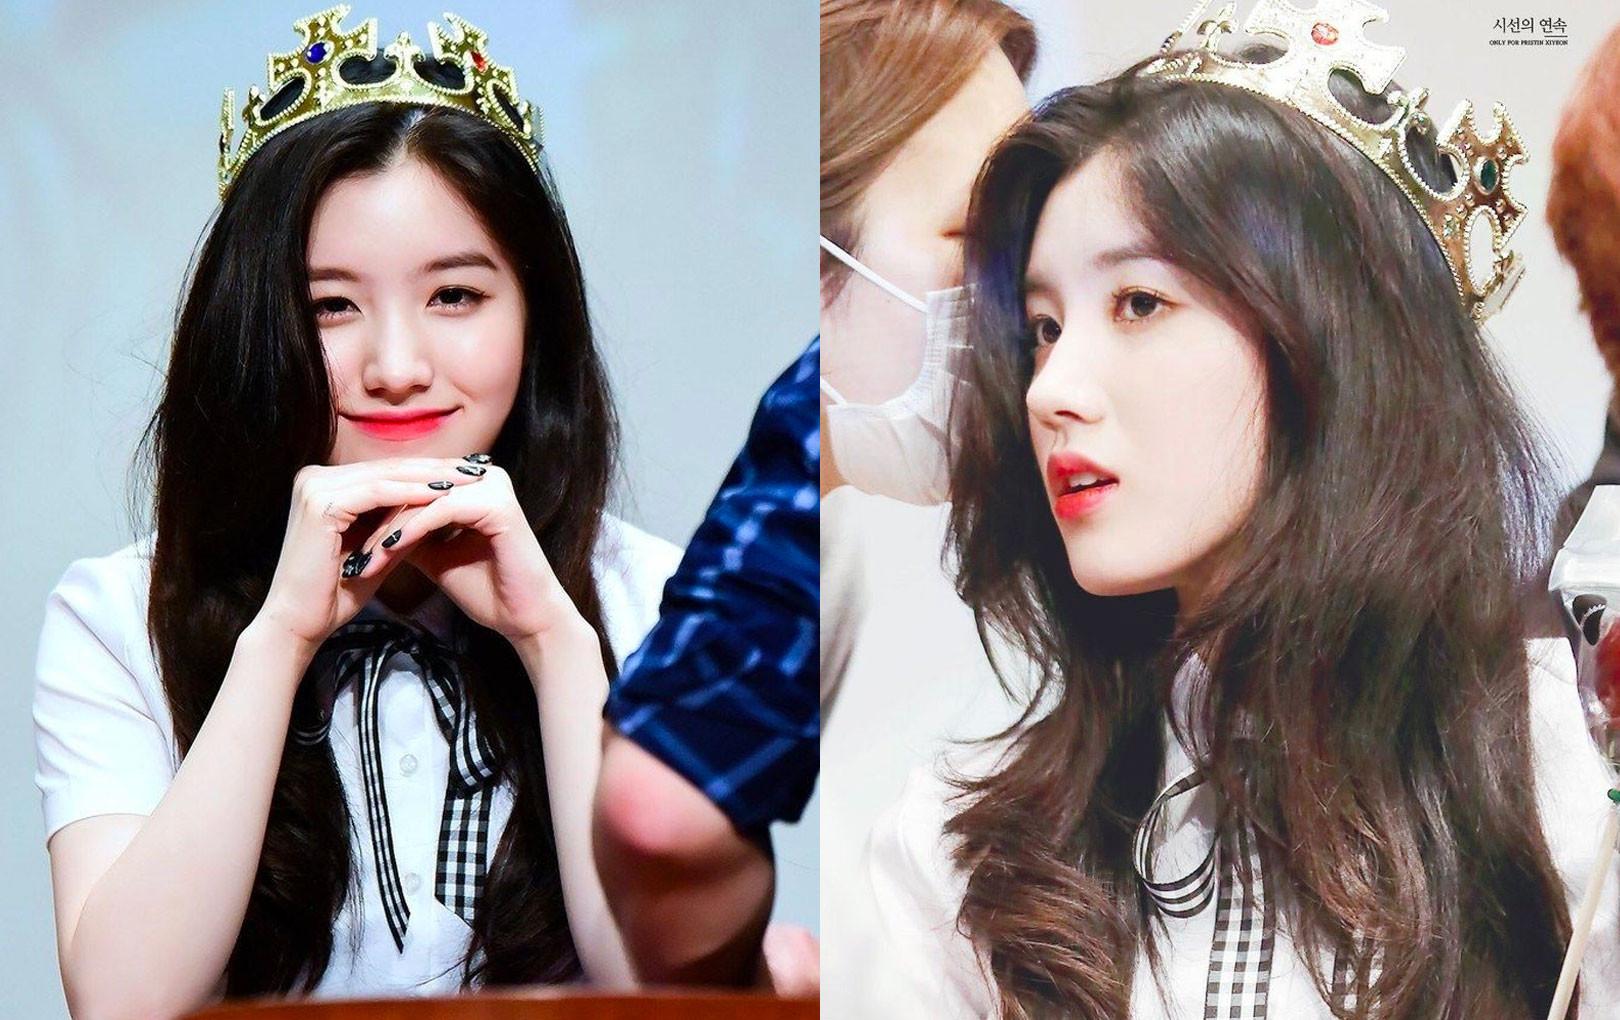 Top 5 nữ idol có sống mũi hoàn hảo, người đẹp nhất không phải Irene (Red Velvet) - Ảnh 7